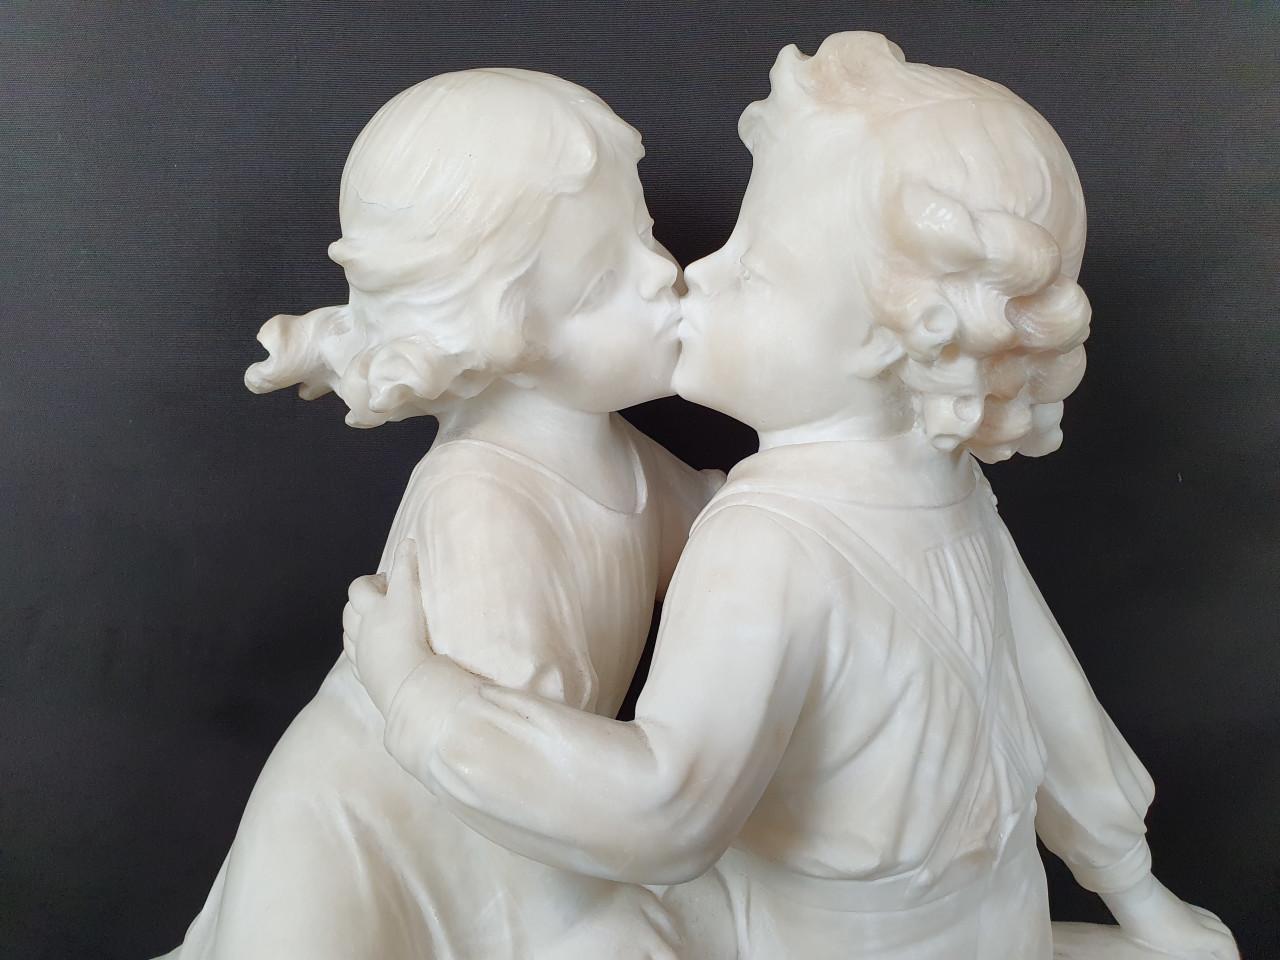 Scultura di Bimbi Innamorati firmata Cipriani 800  - Antichità Ioviero